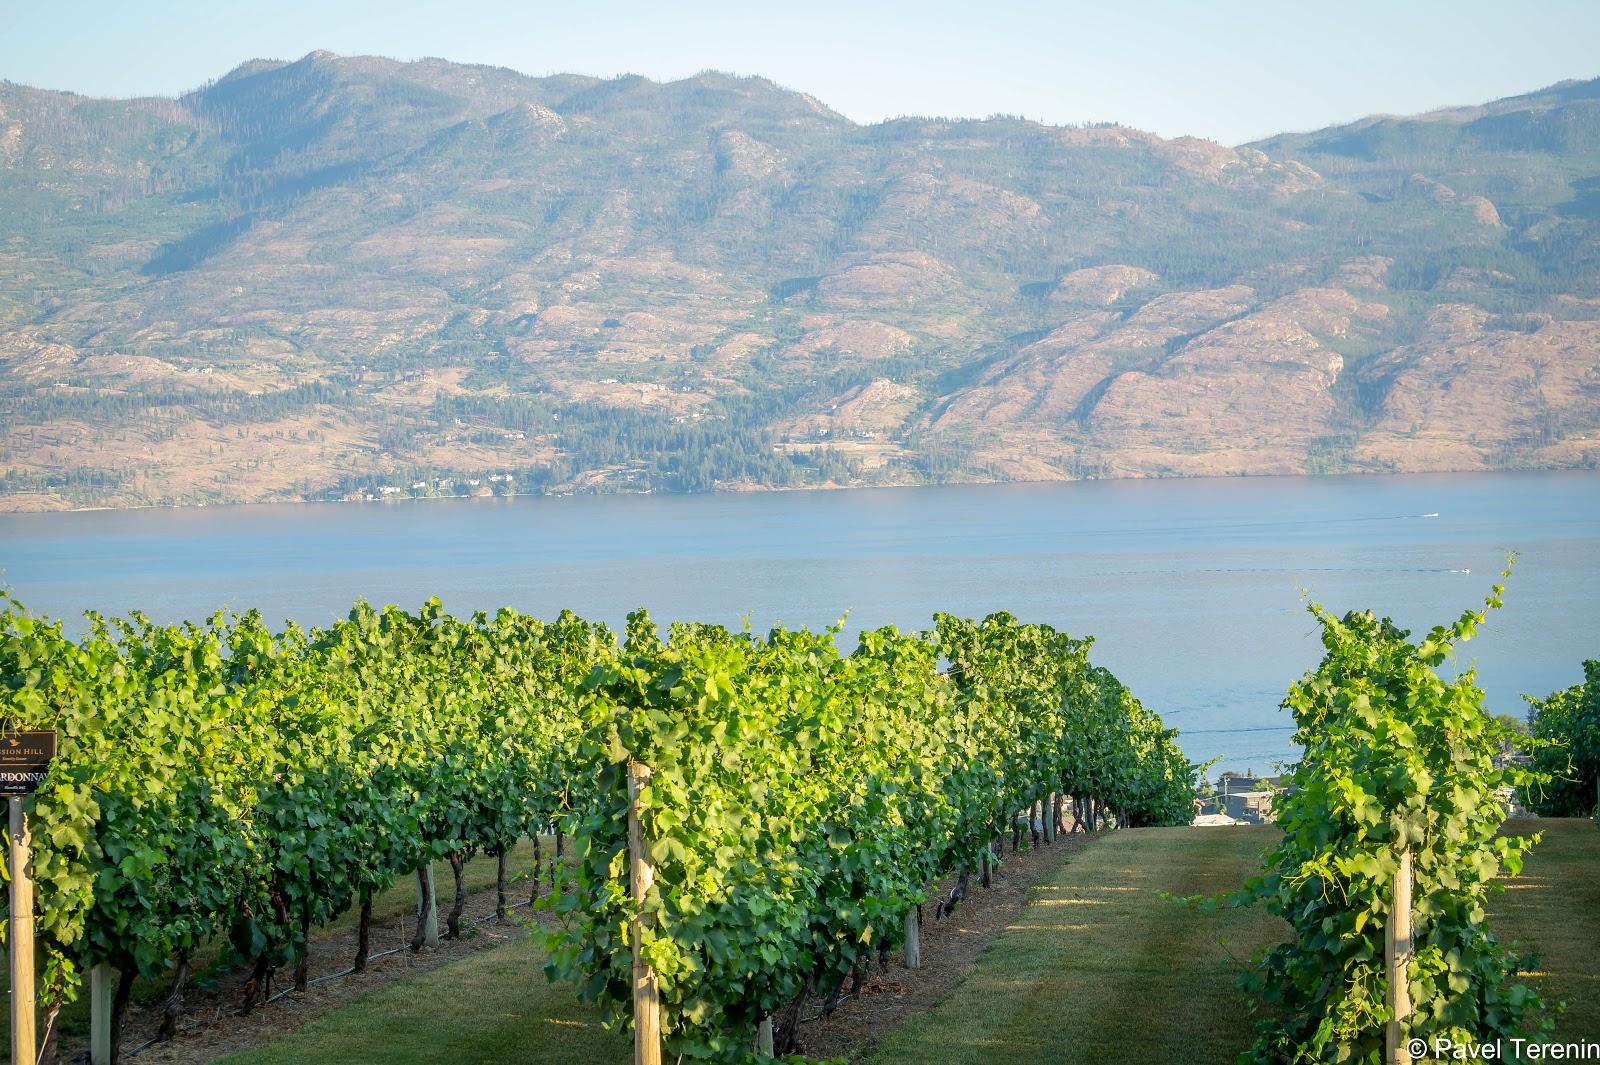 Живописные виноградники раскинулись здесь по берегам озера.